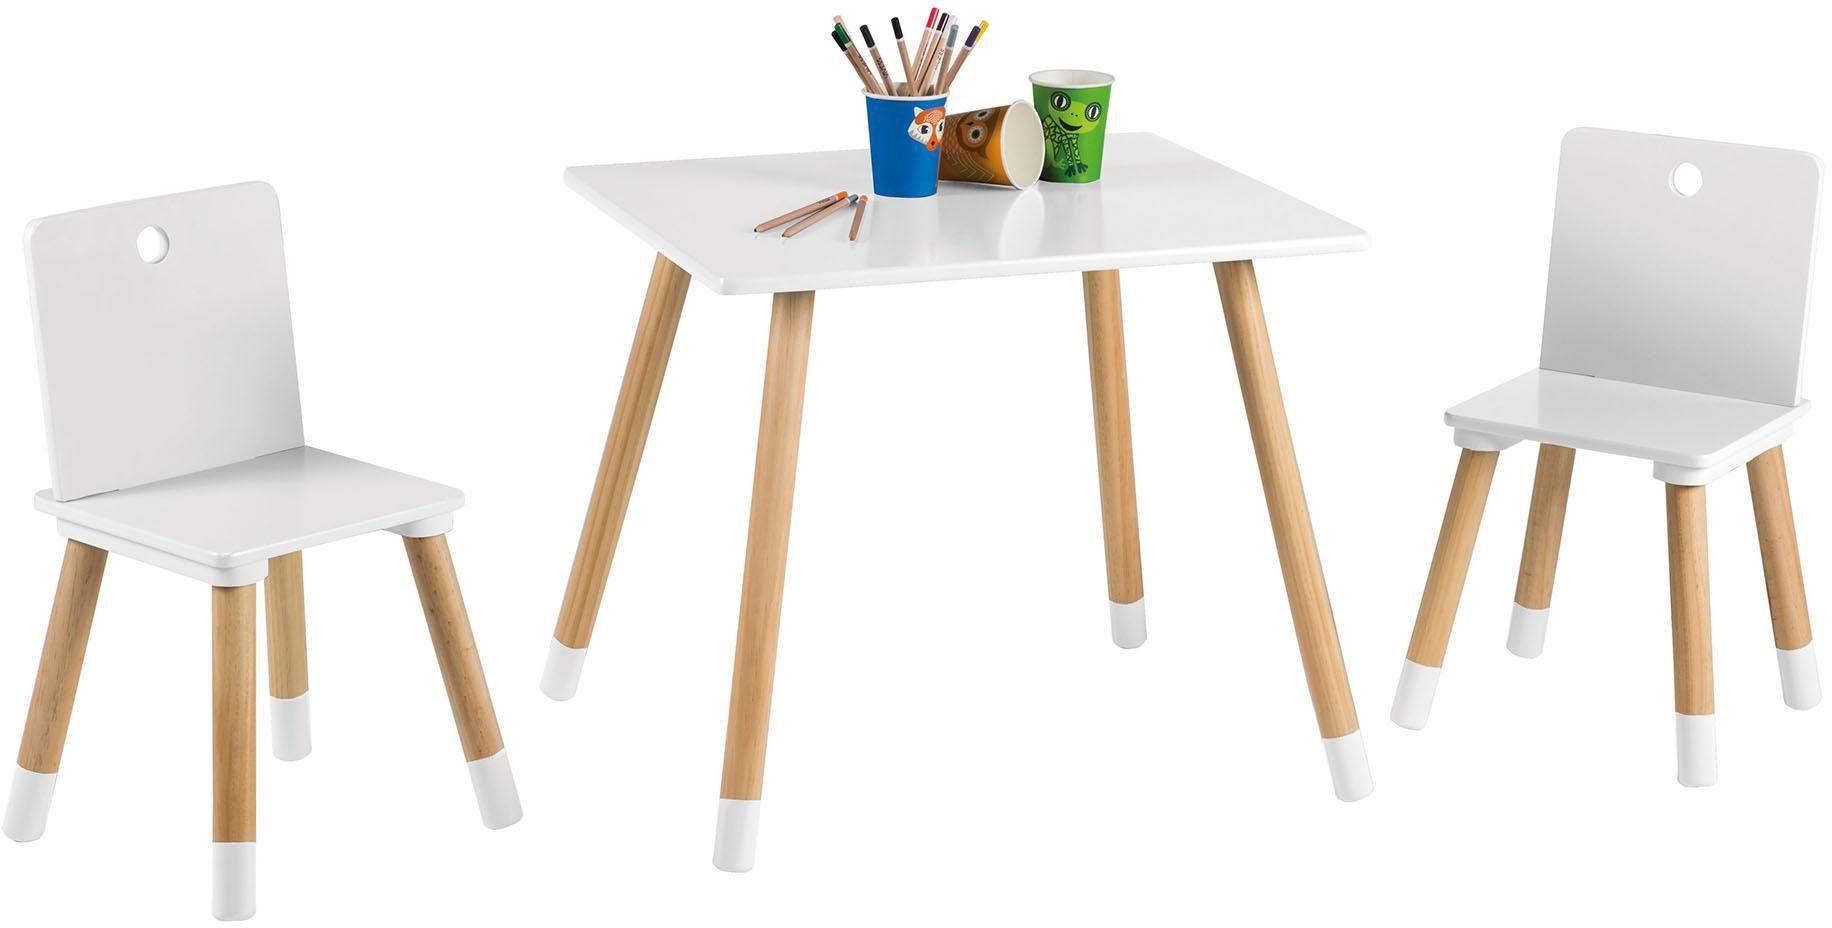 Roba Tisch und Stühle für Kinder, »Kindersitzgruppe, weiß«